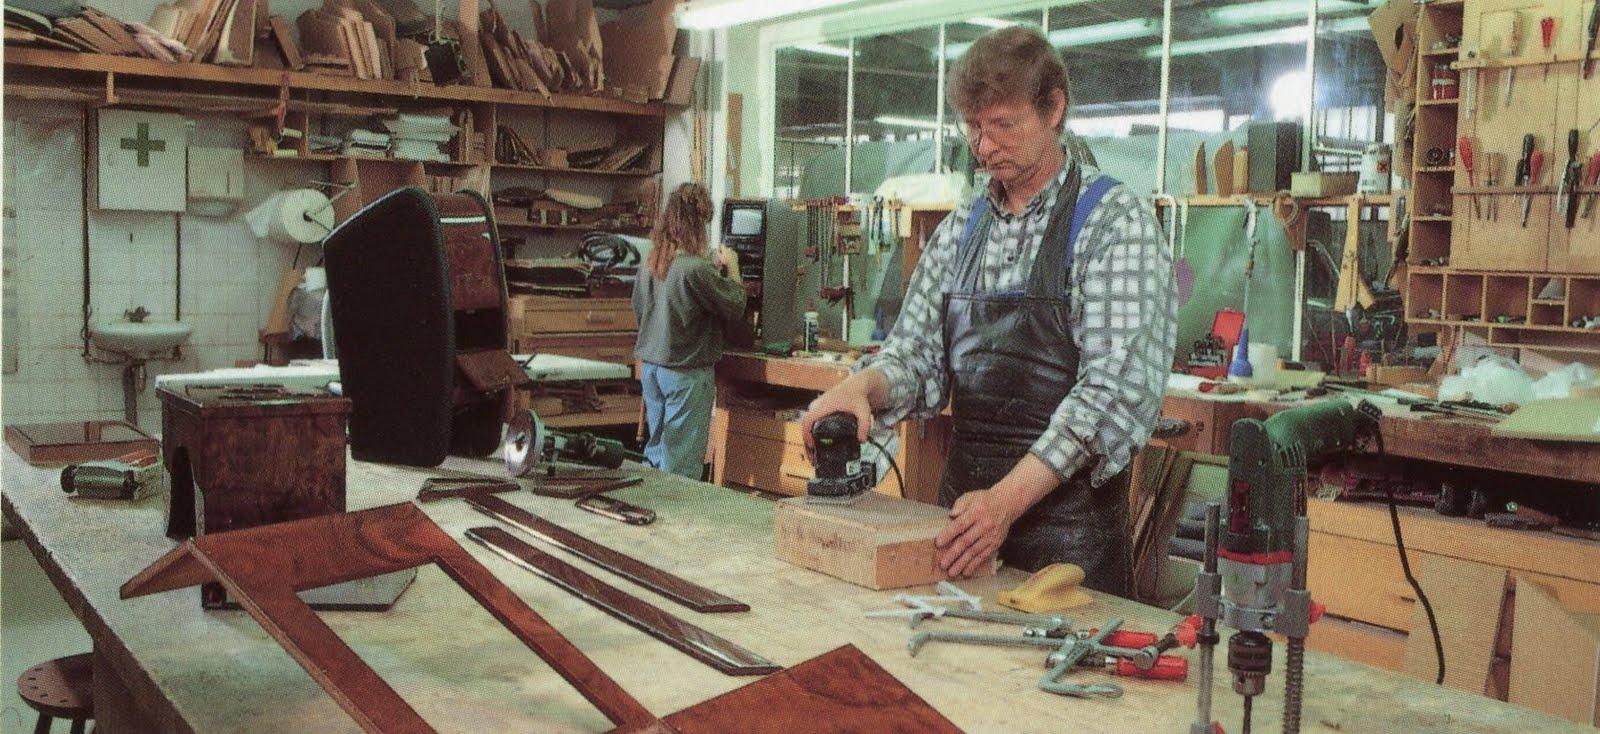 Trasco-forever: Unsere alte Tischlerei am Steindamm